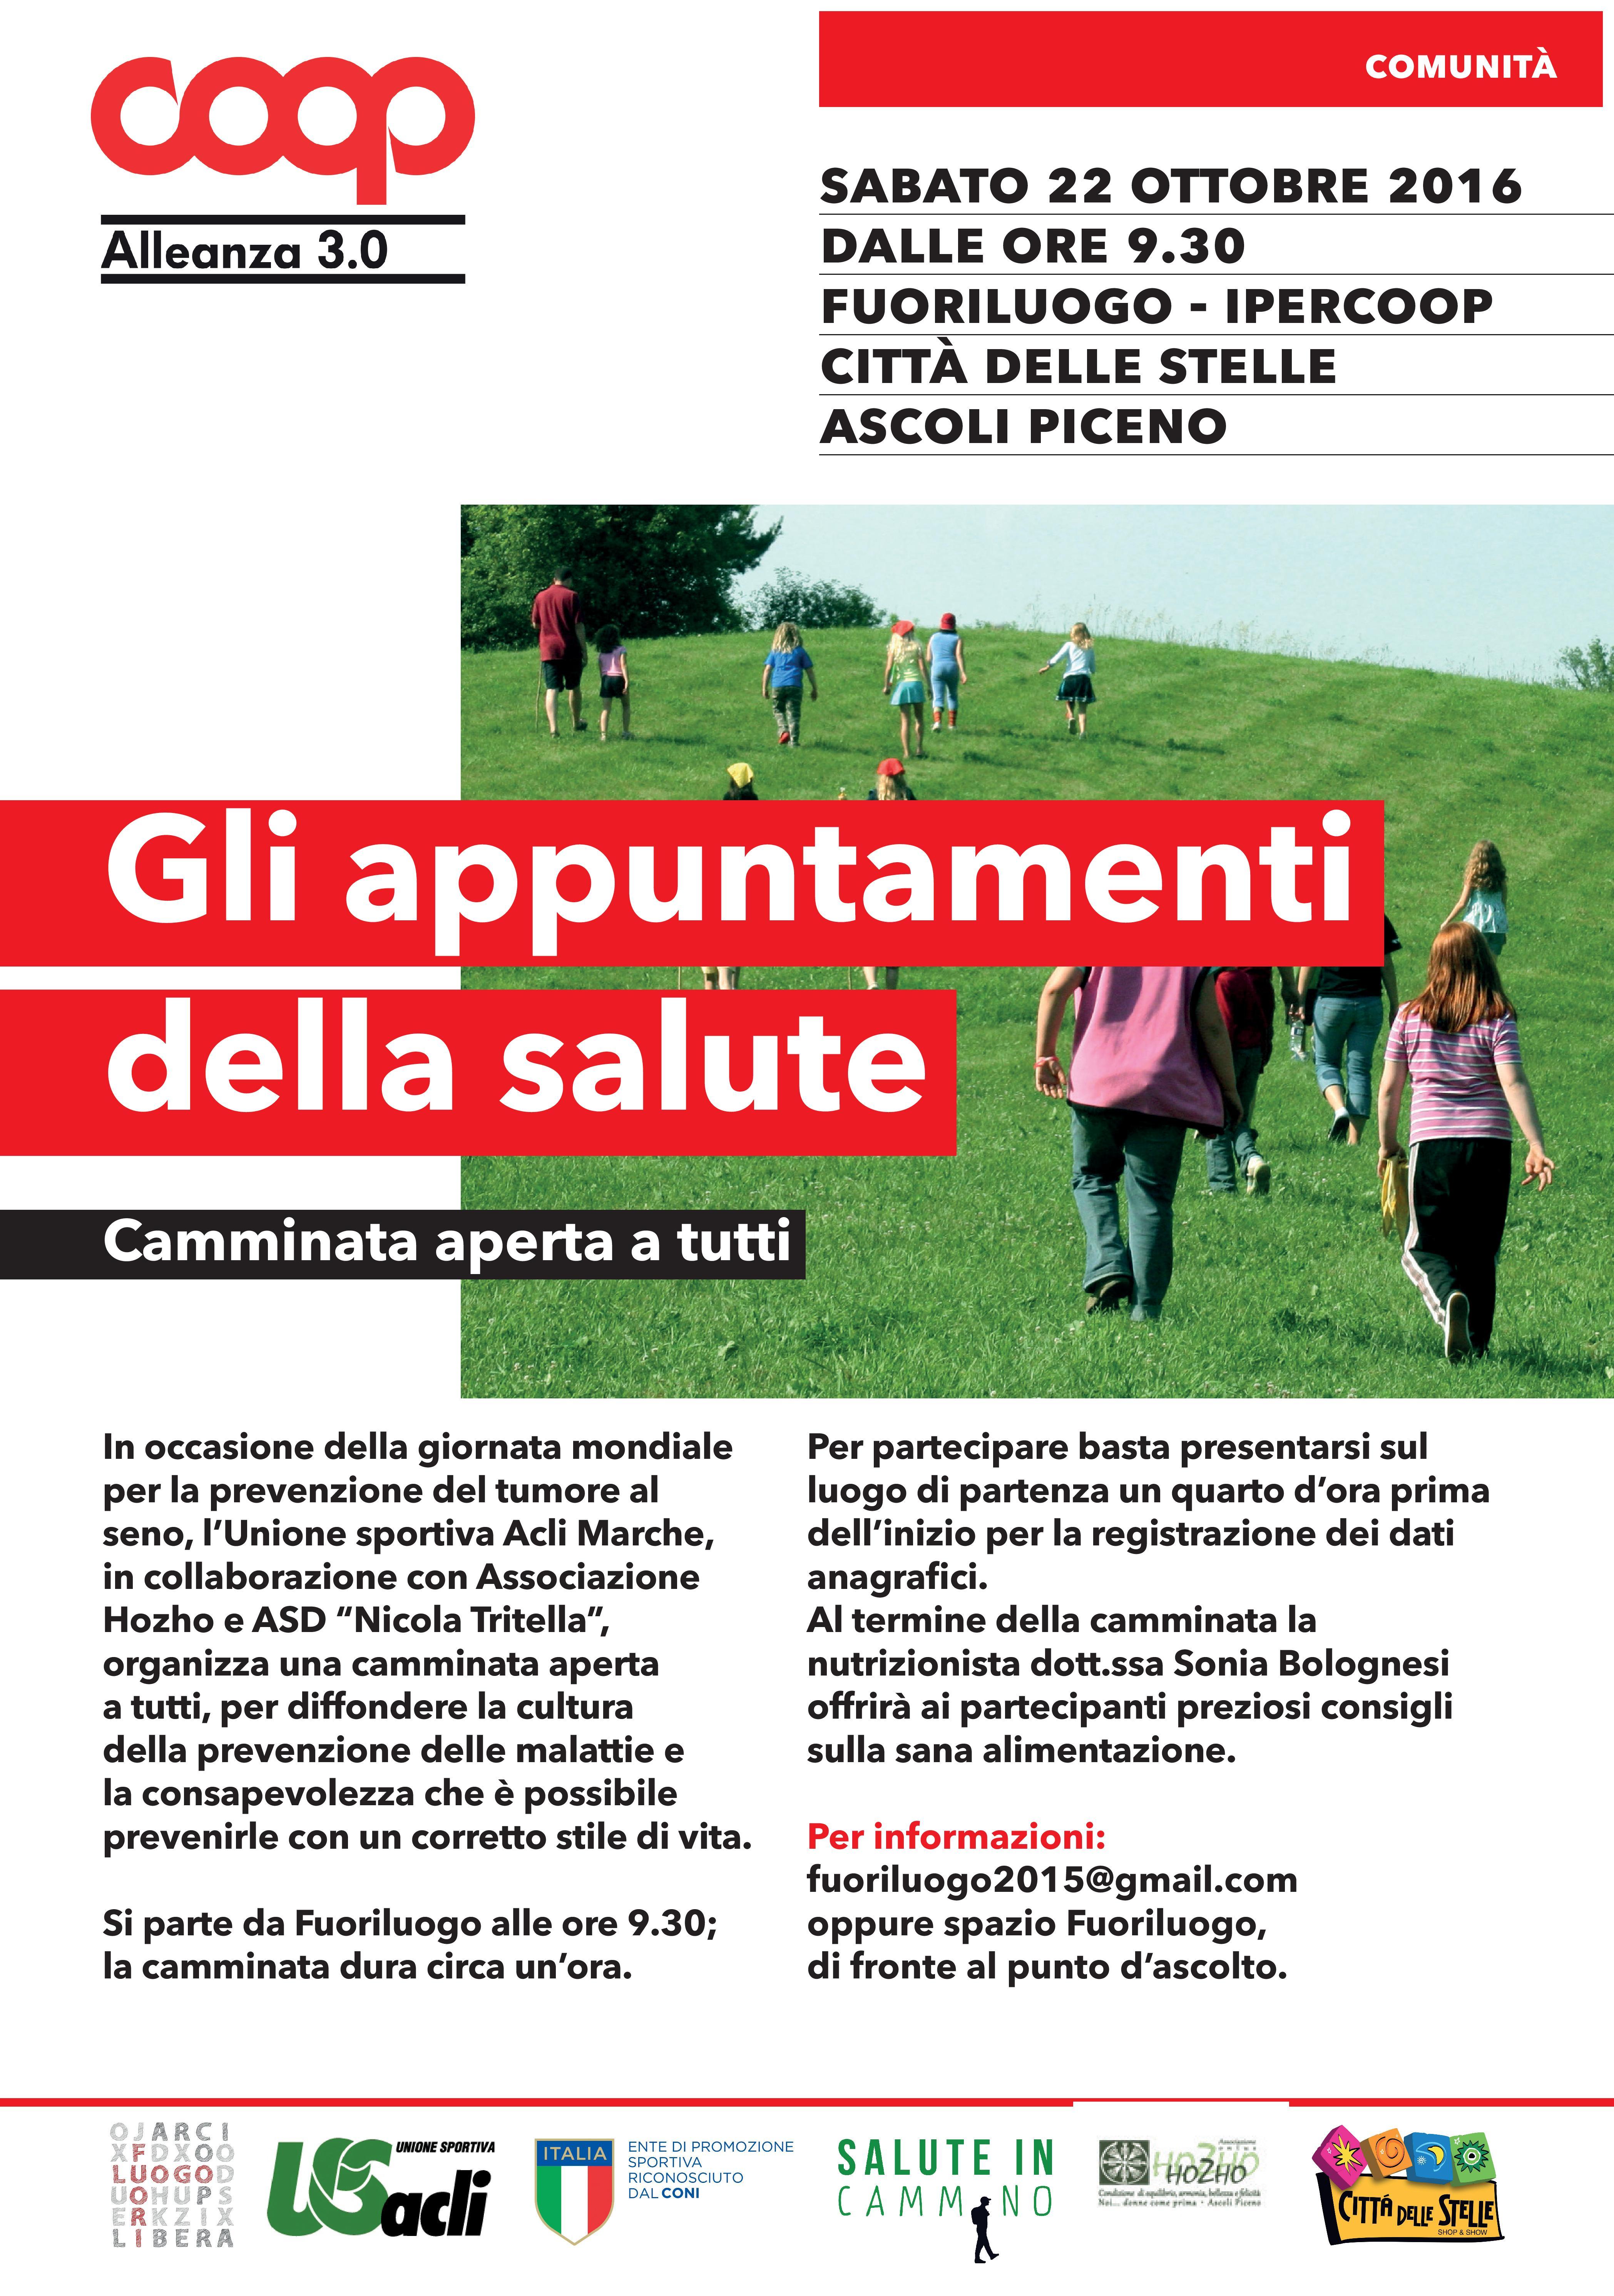 Il 22 ottobre si cammina per la salute ad Ascoli Piceno